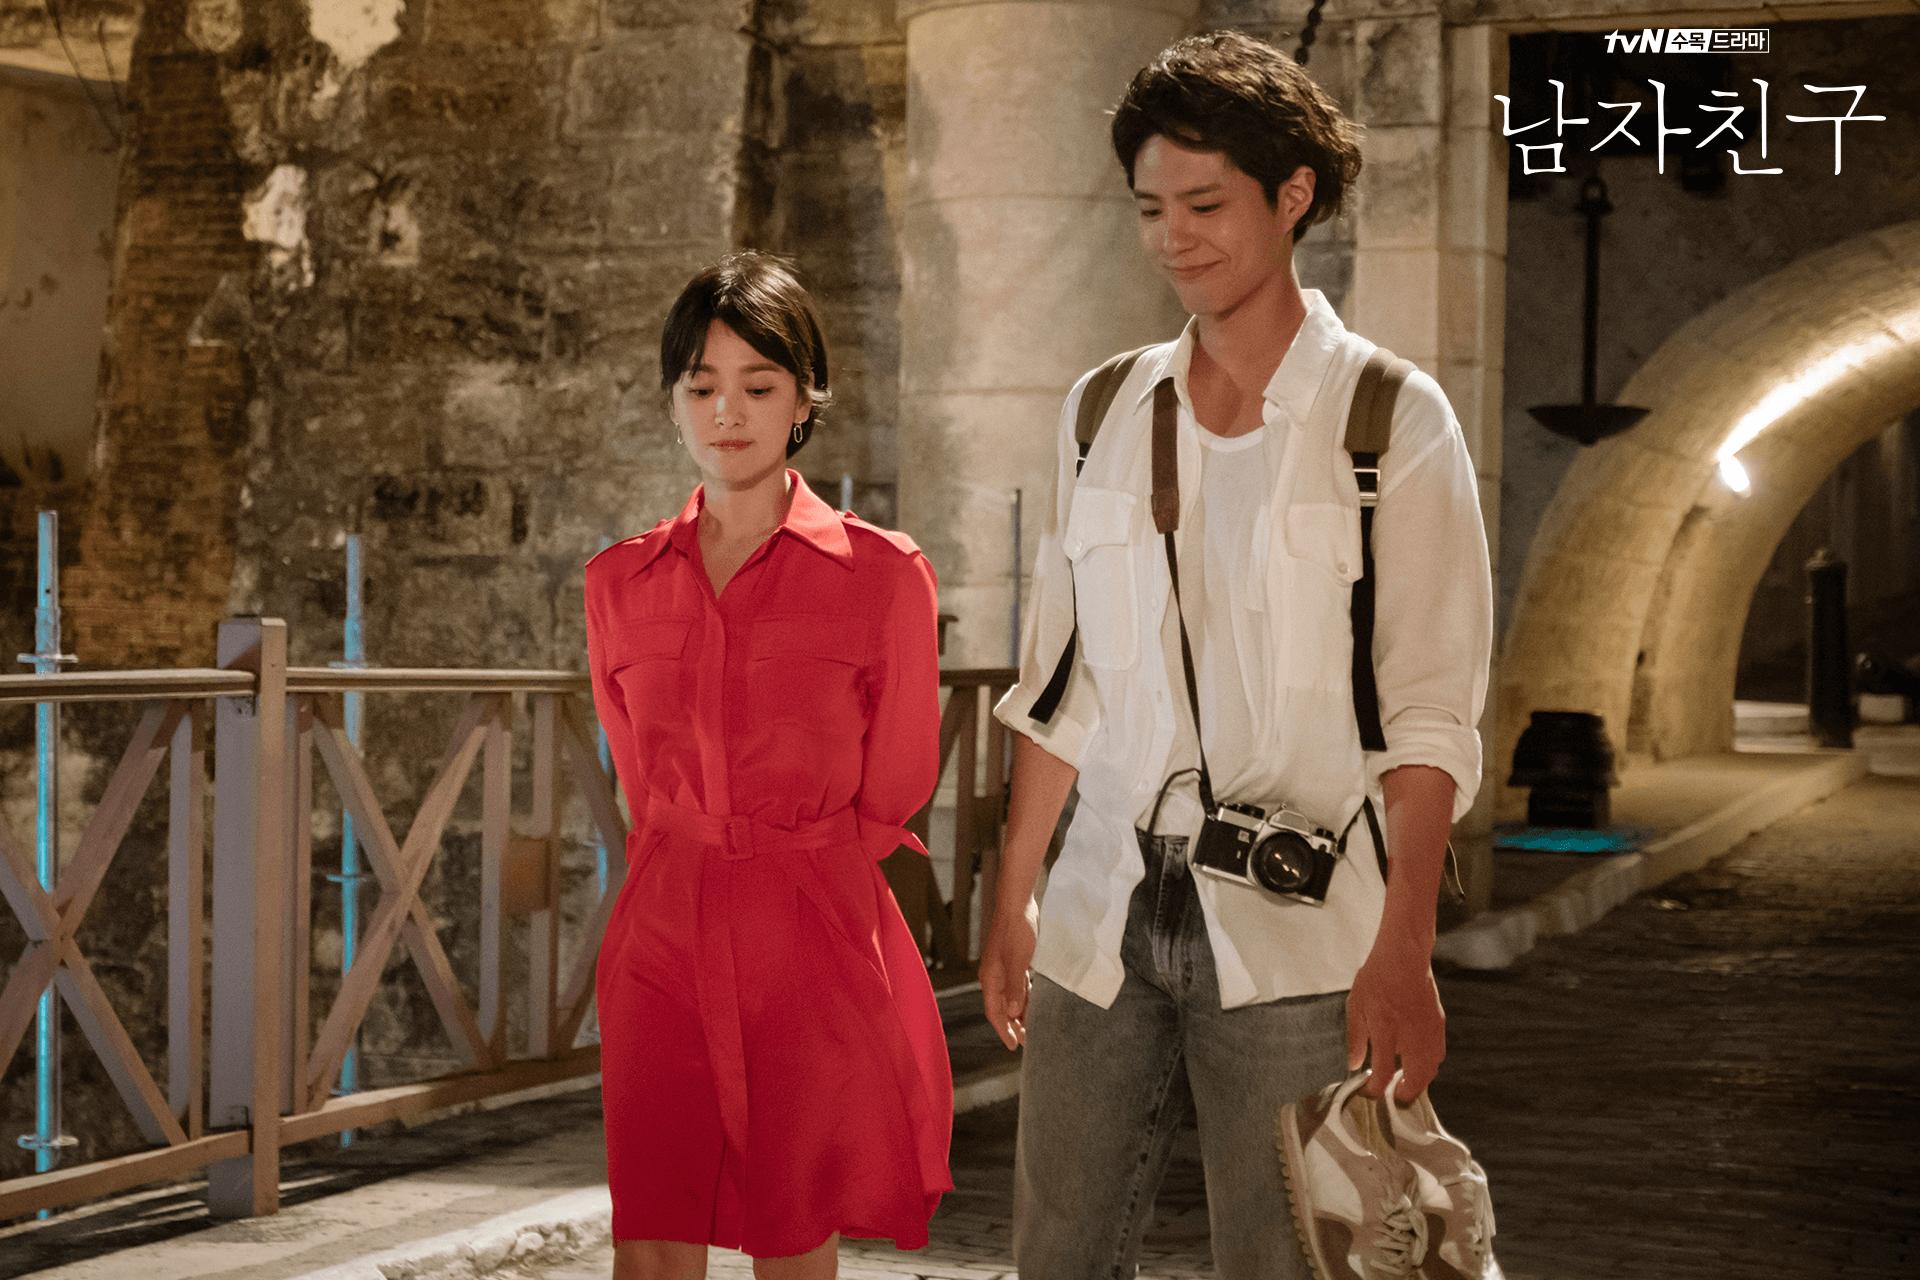 兩位主角在古巴相遇,展開浪漫的一段故事。